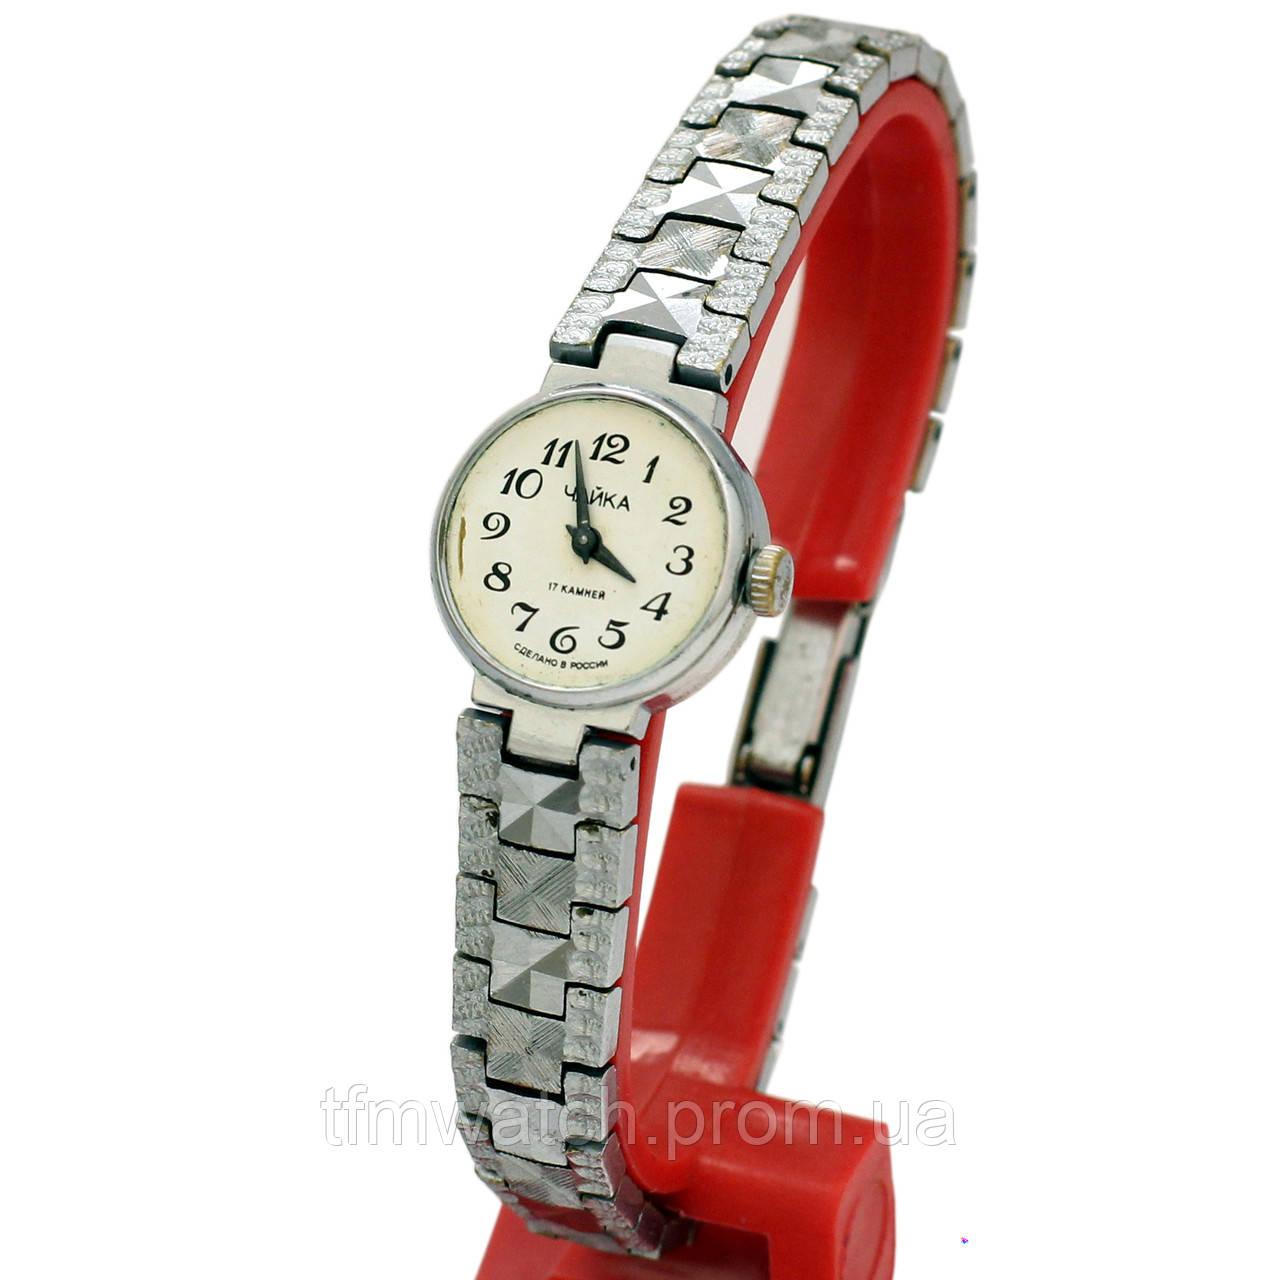 Чайка женские часы производства России